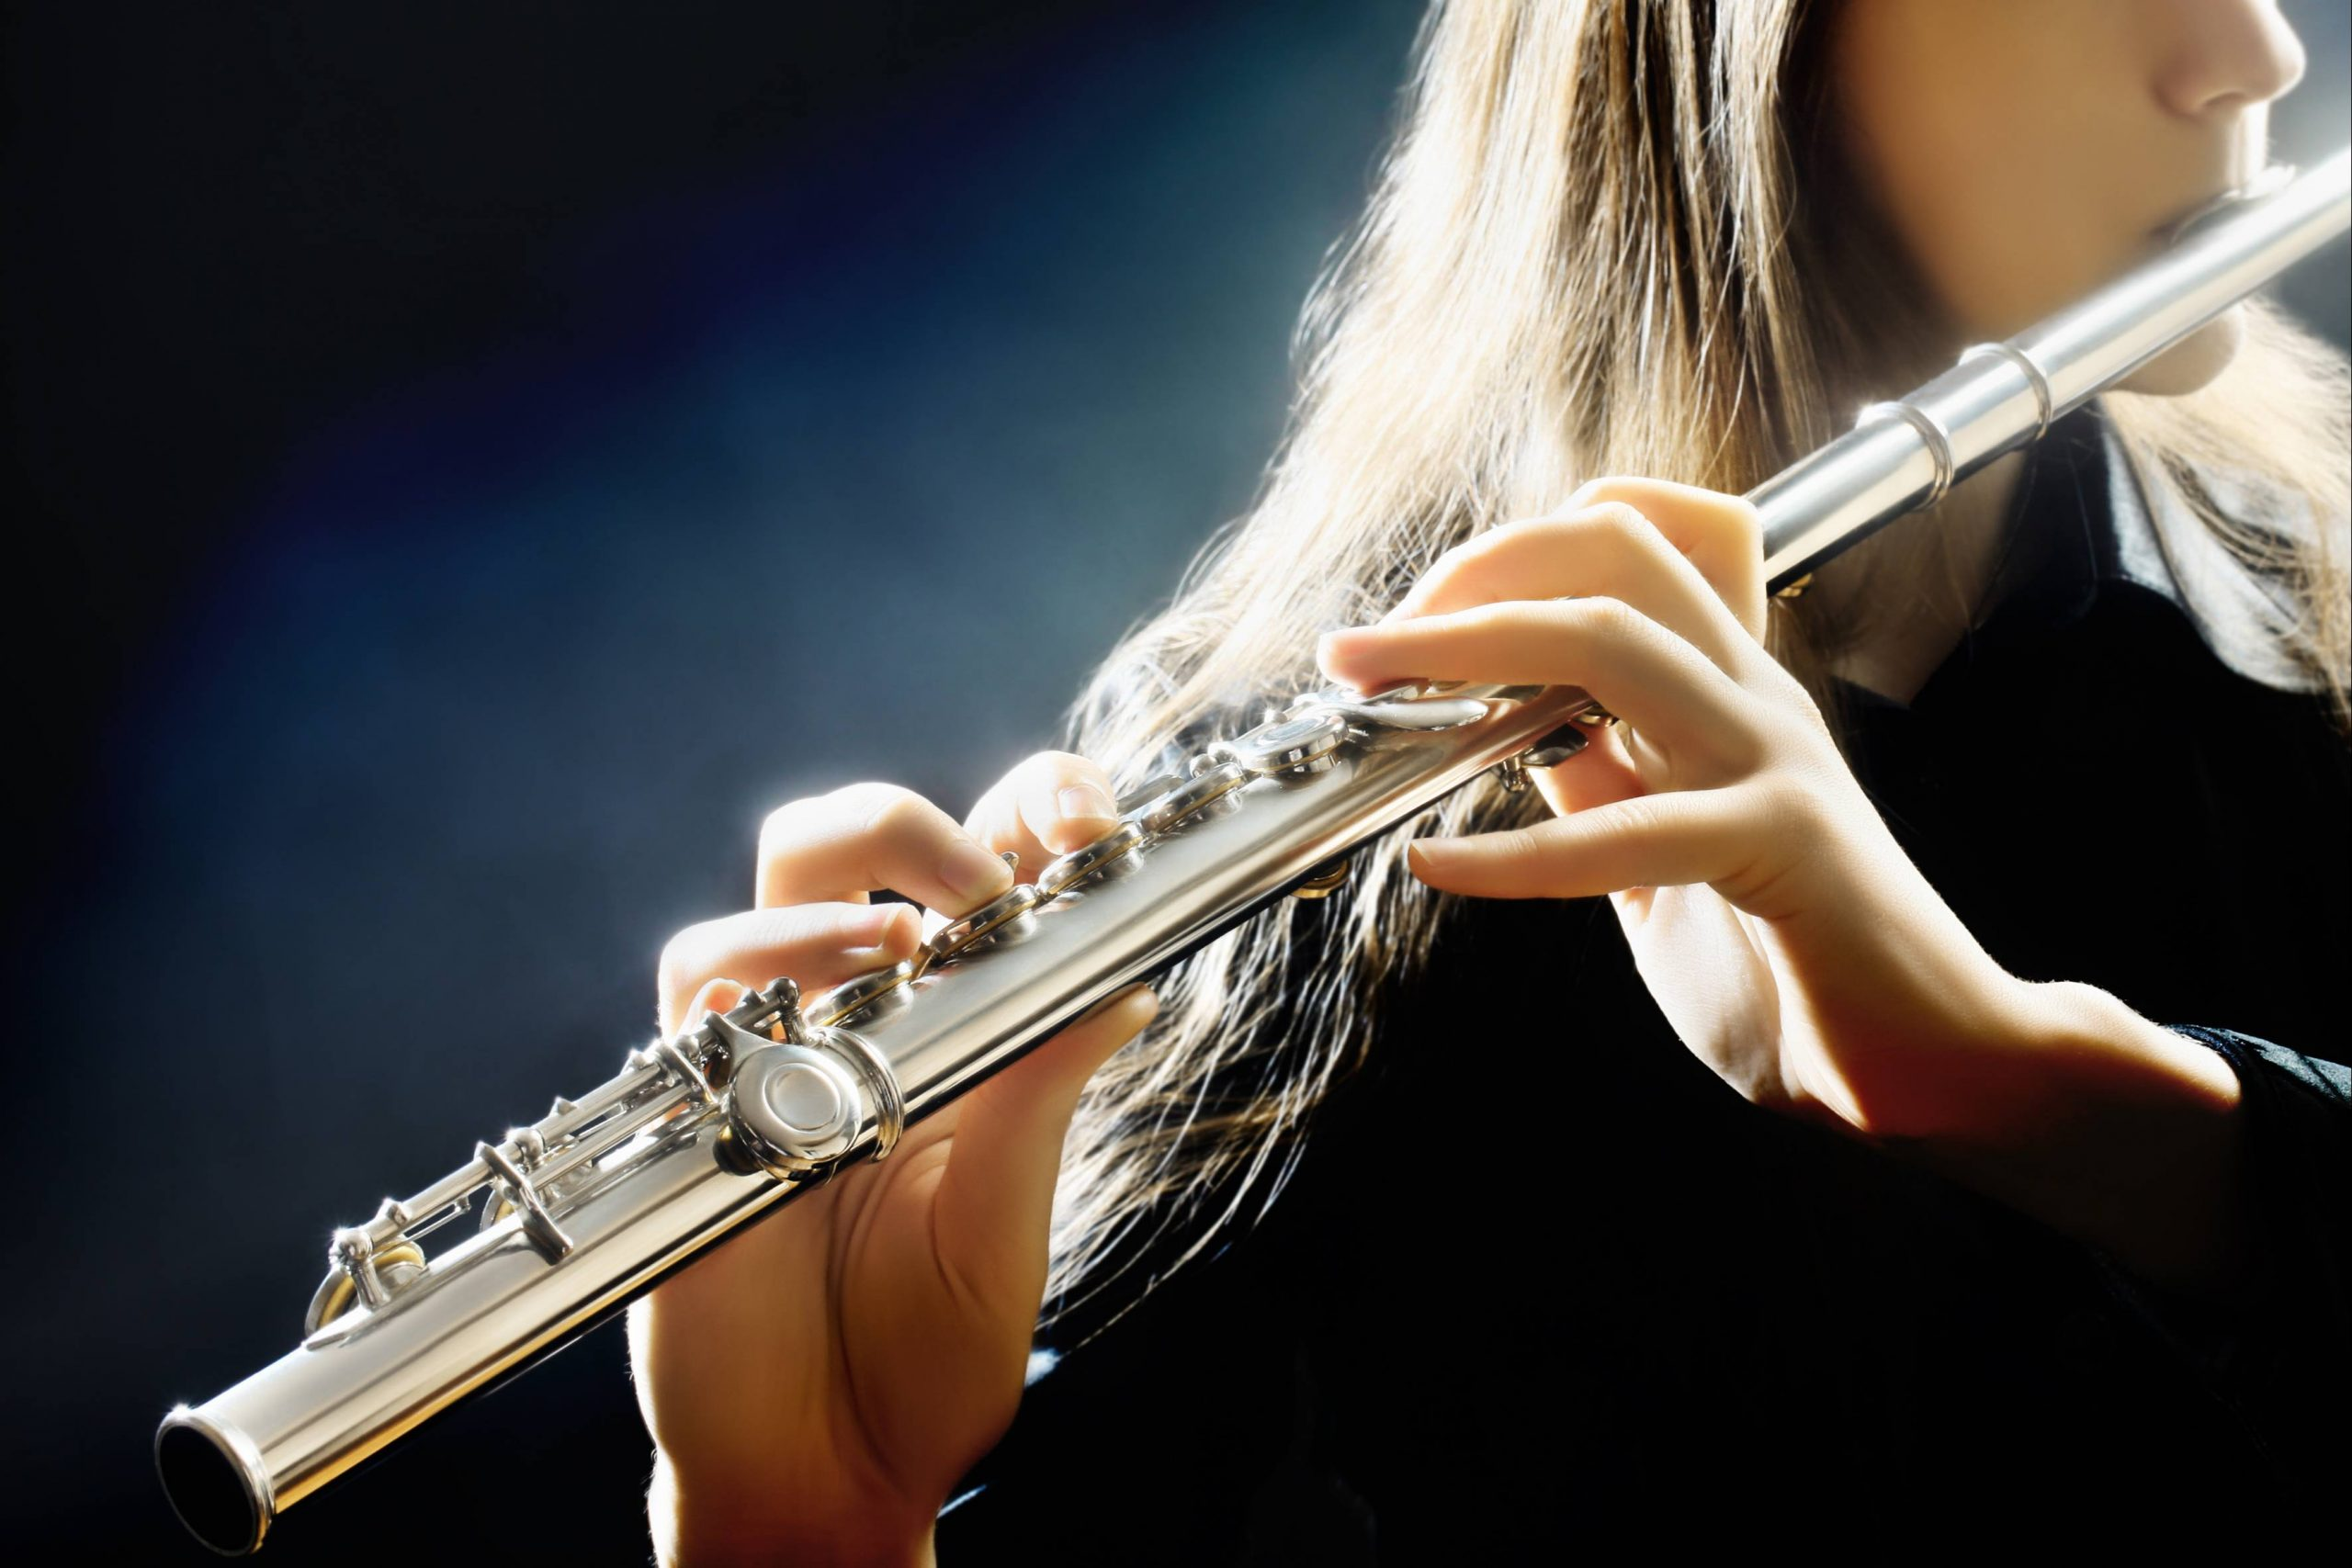 楽器演奏のハウツー動画の編集(可能であれば撮影から)